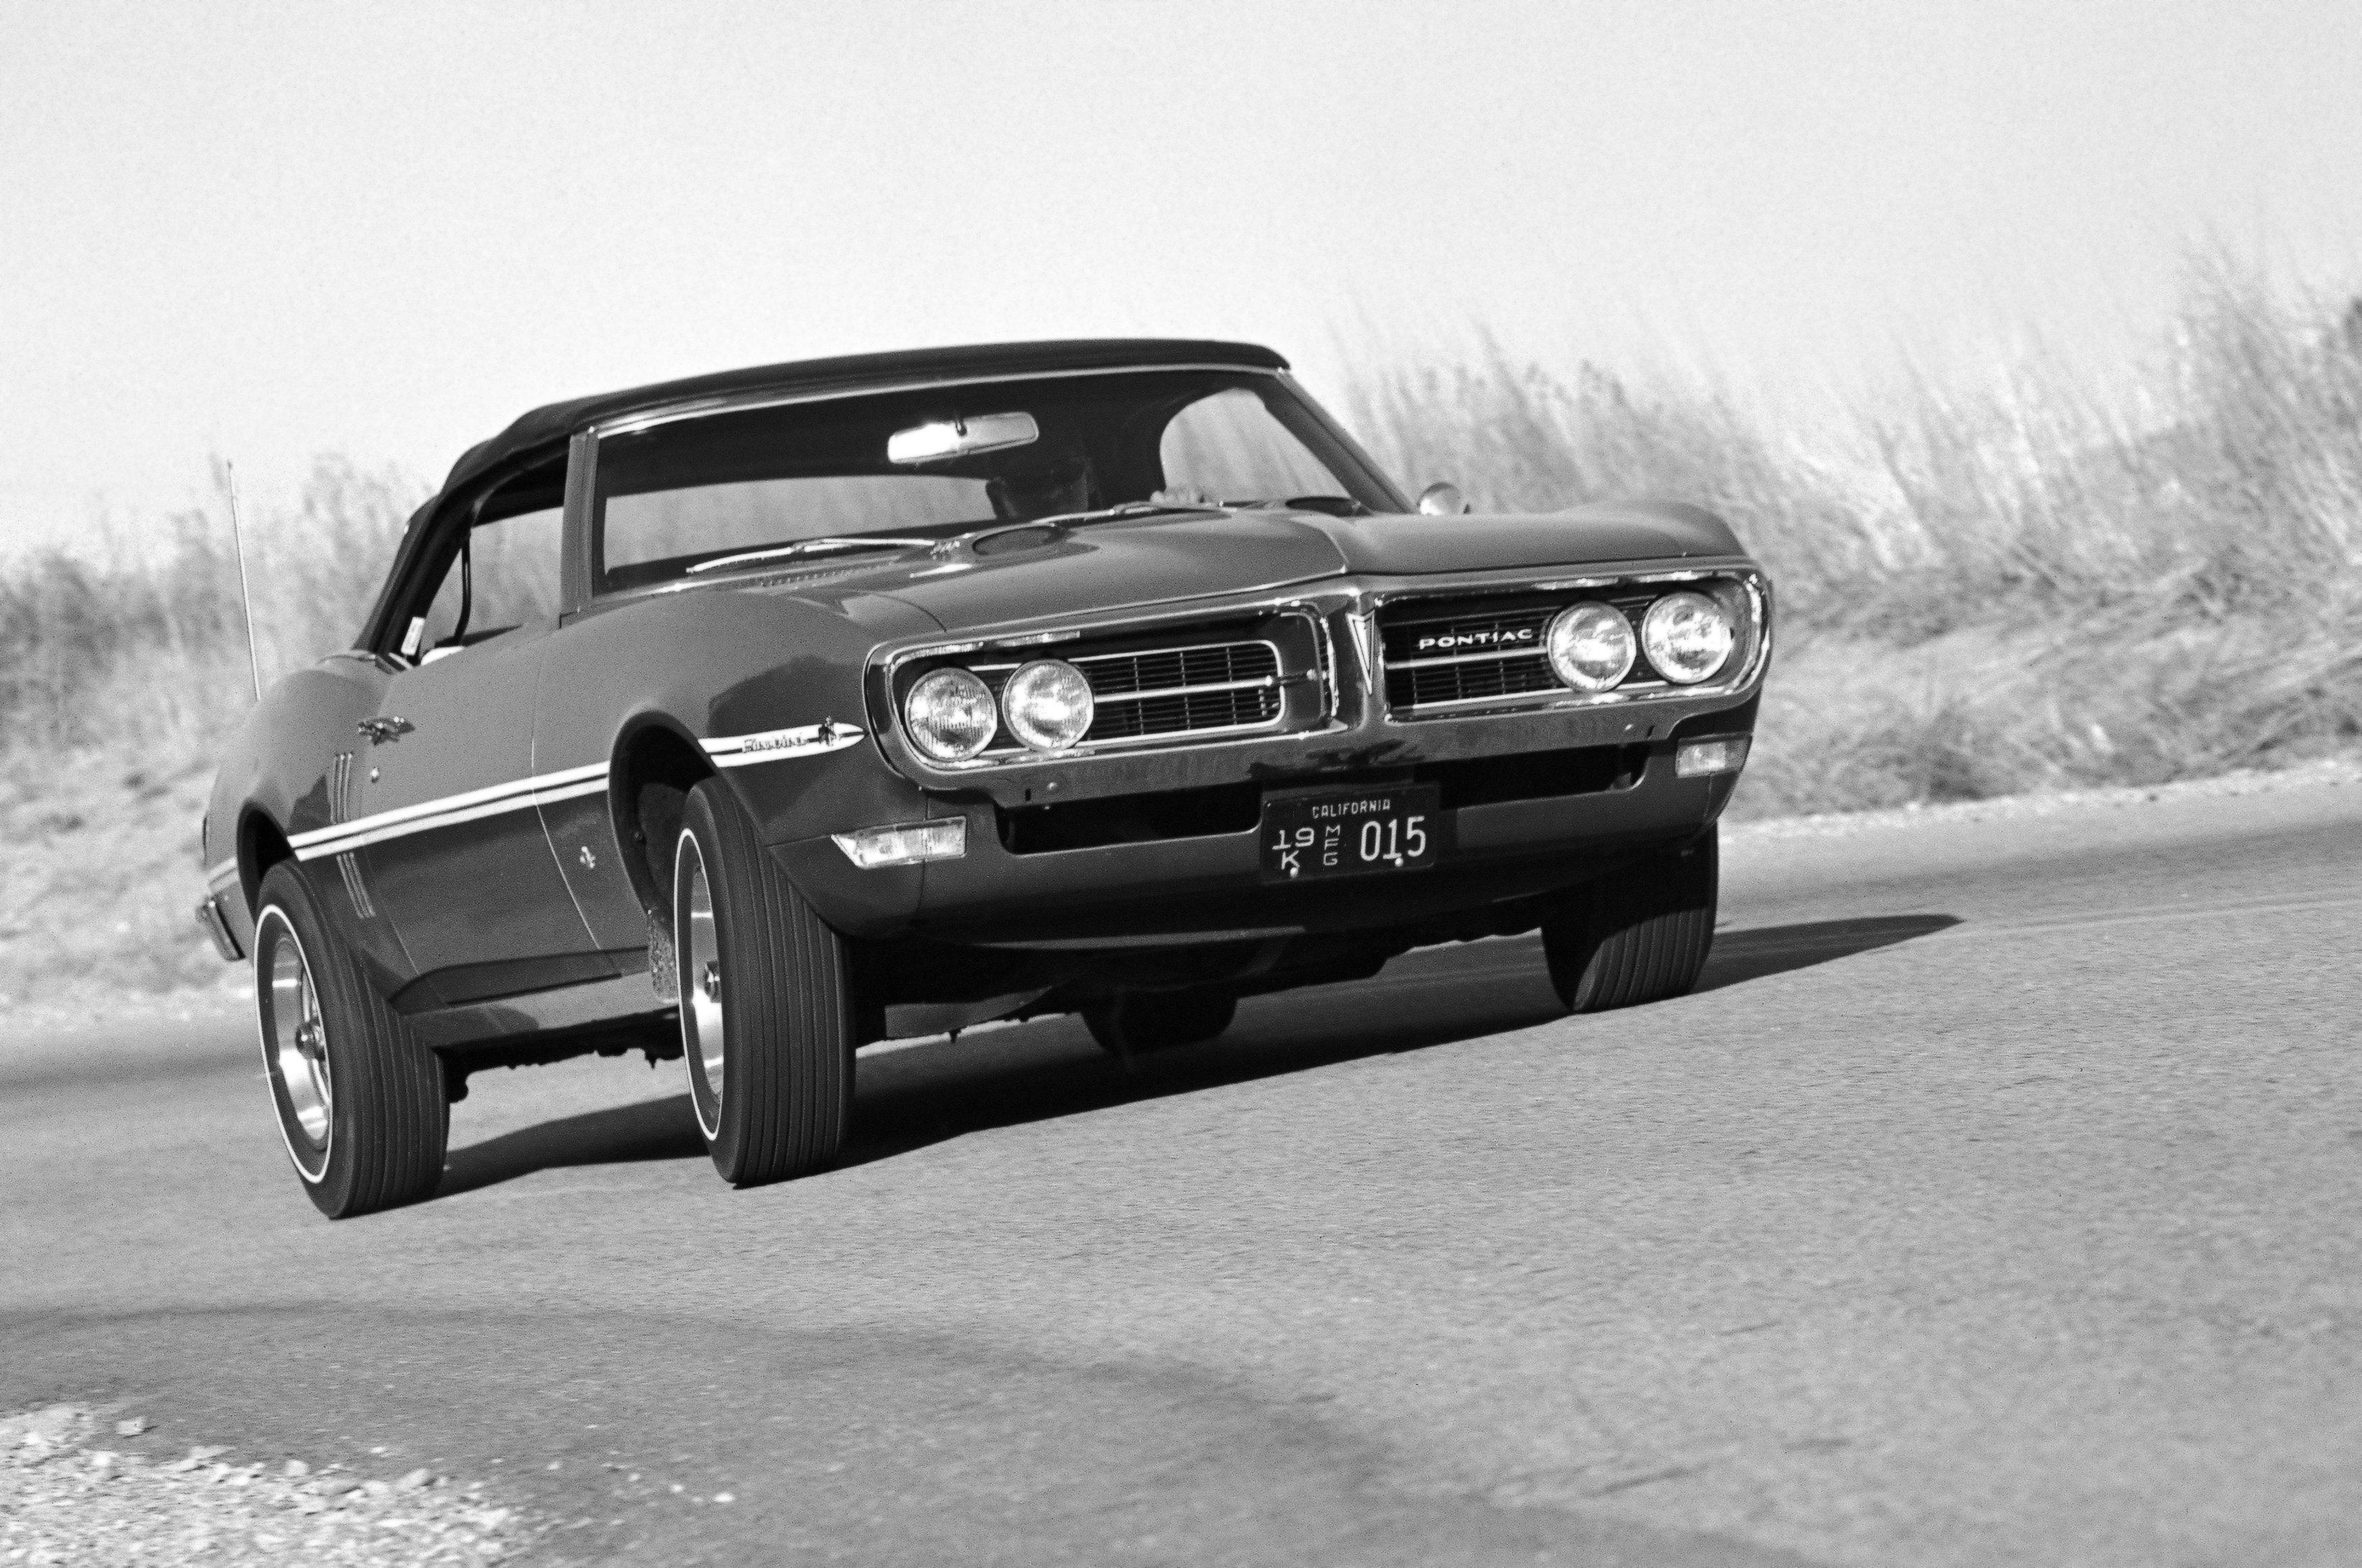 1968 Pontiac Firebird 400 Convertible 2367 muscle classic wallpaper 3500x2324